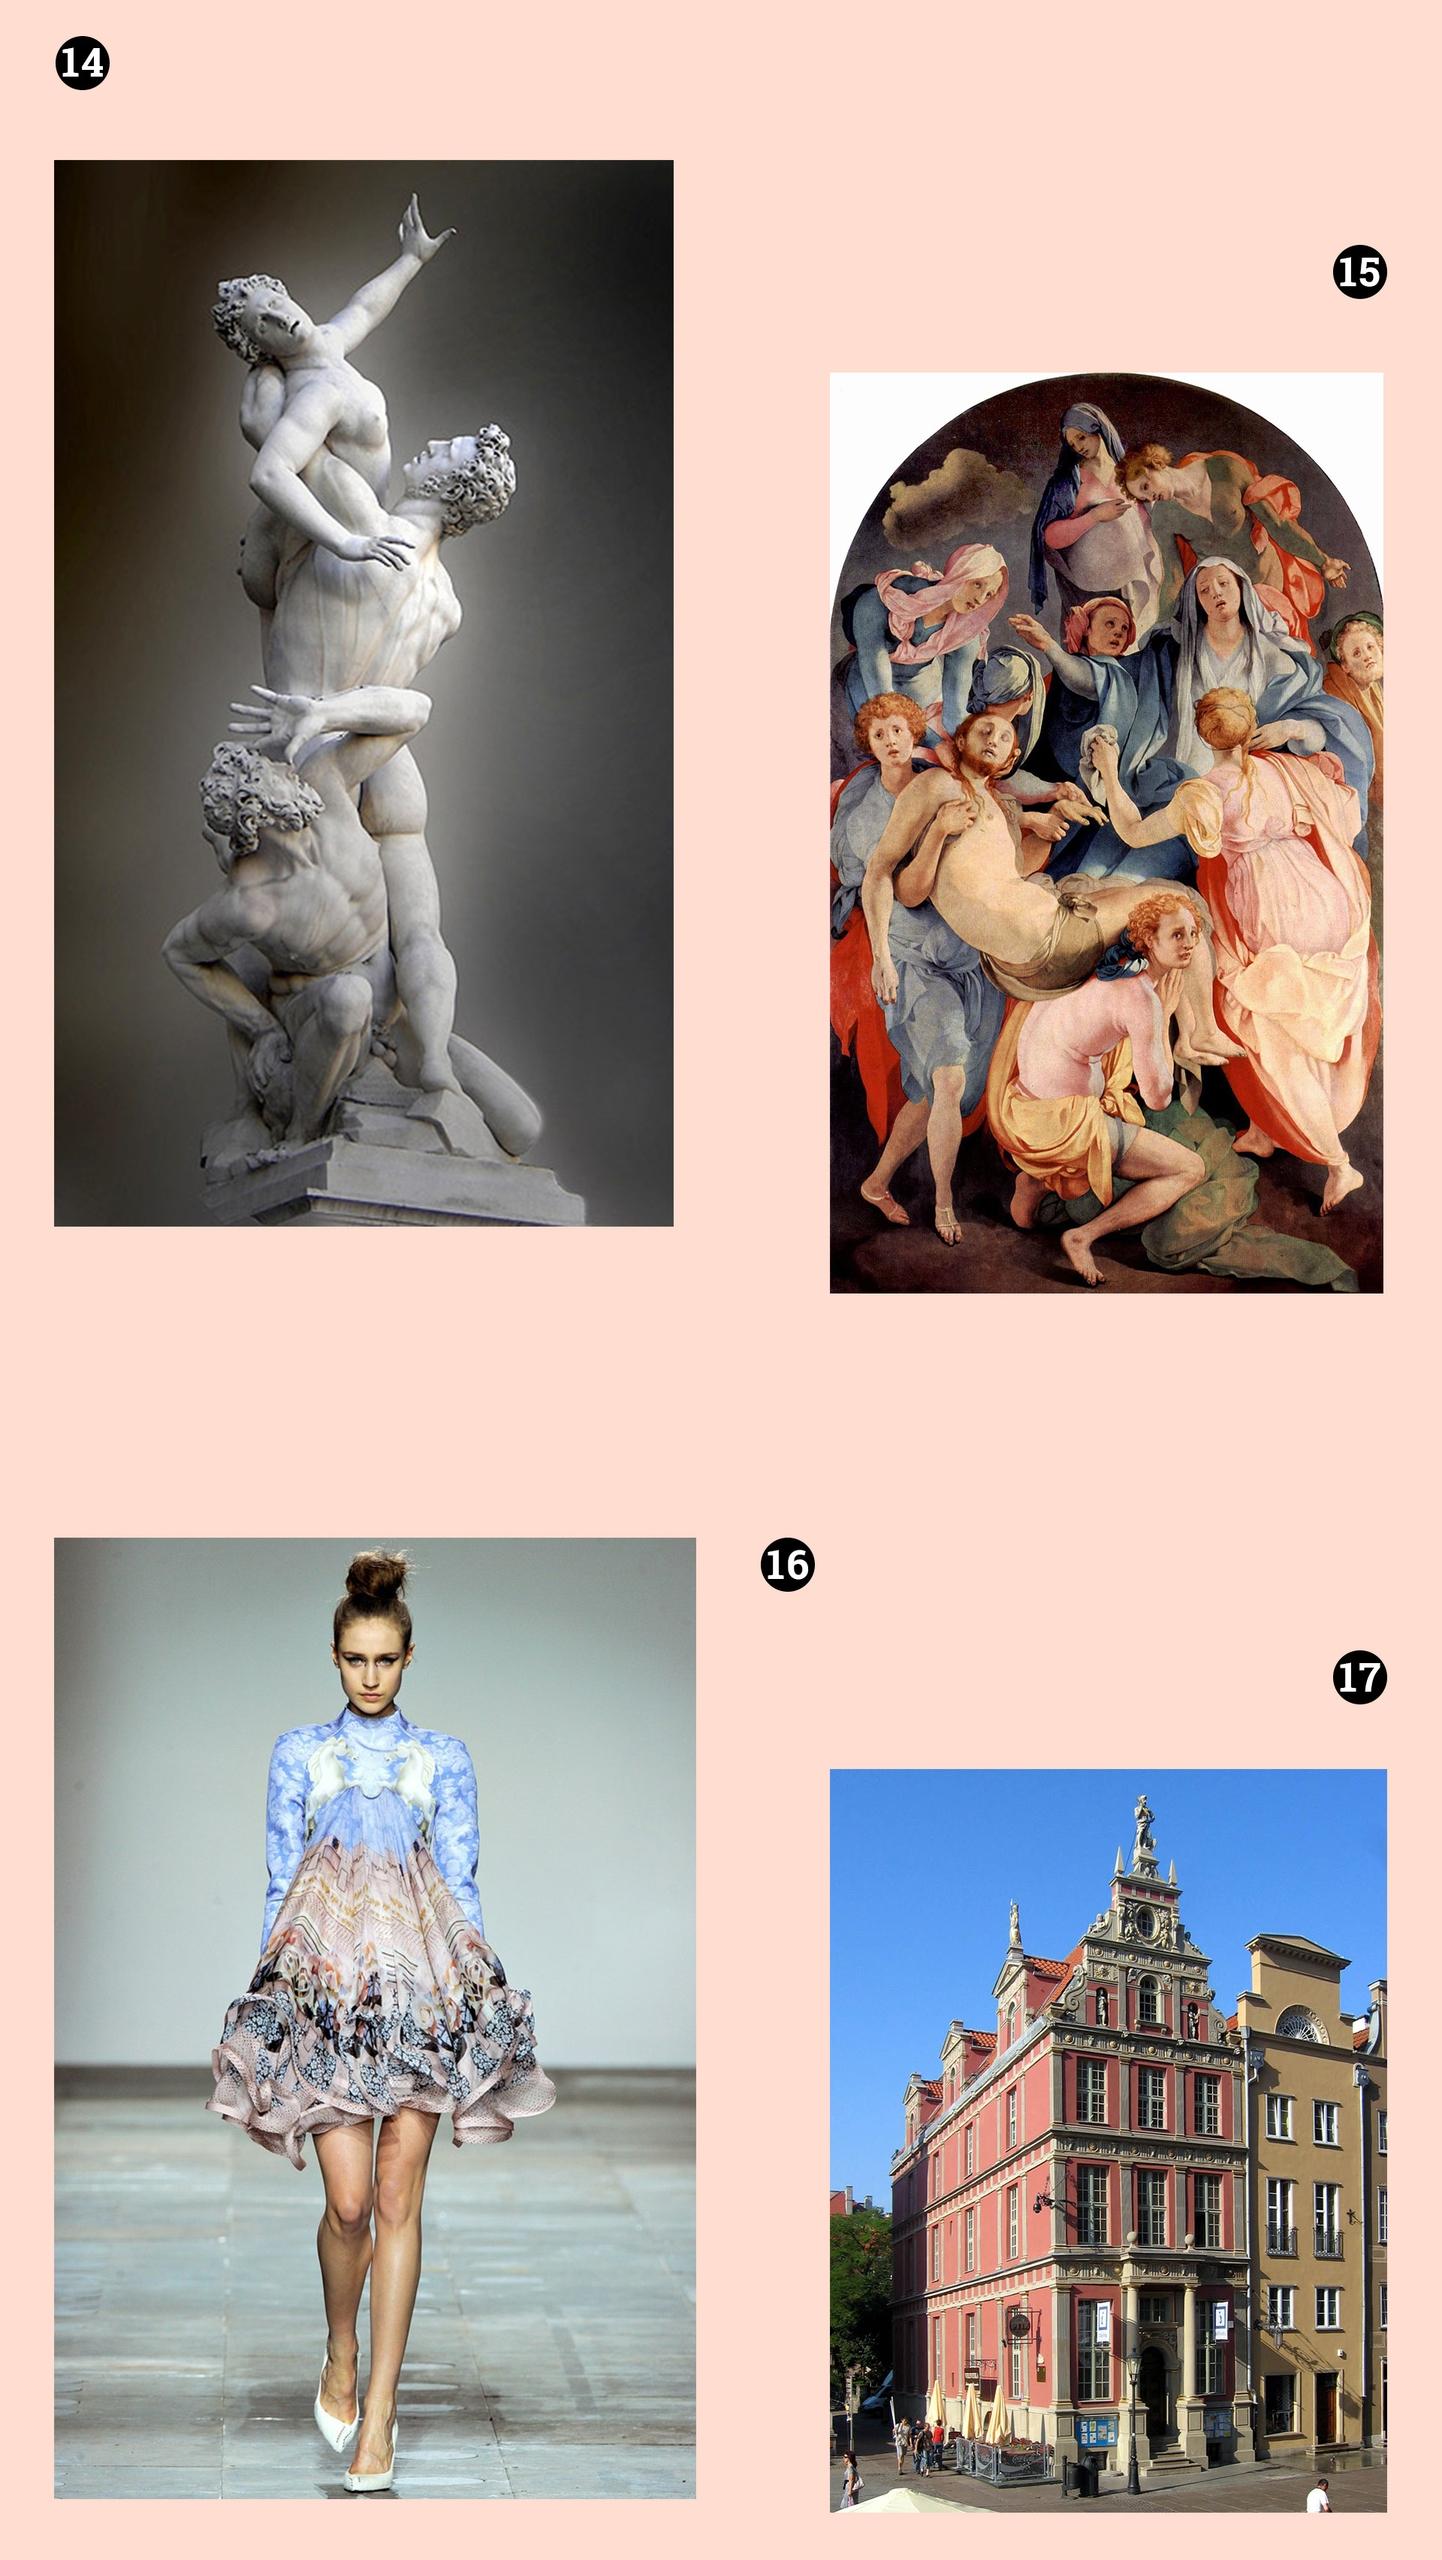 Obraz przedstawia cztery fotografie. Na pierwszej widzimy rzeźbę, na kolejnej obraz olejny znanego artysty, trzecia przedstawia postać kobiecą, a czwarta fragment architektoniczny.